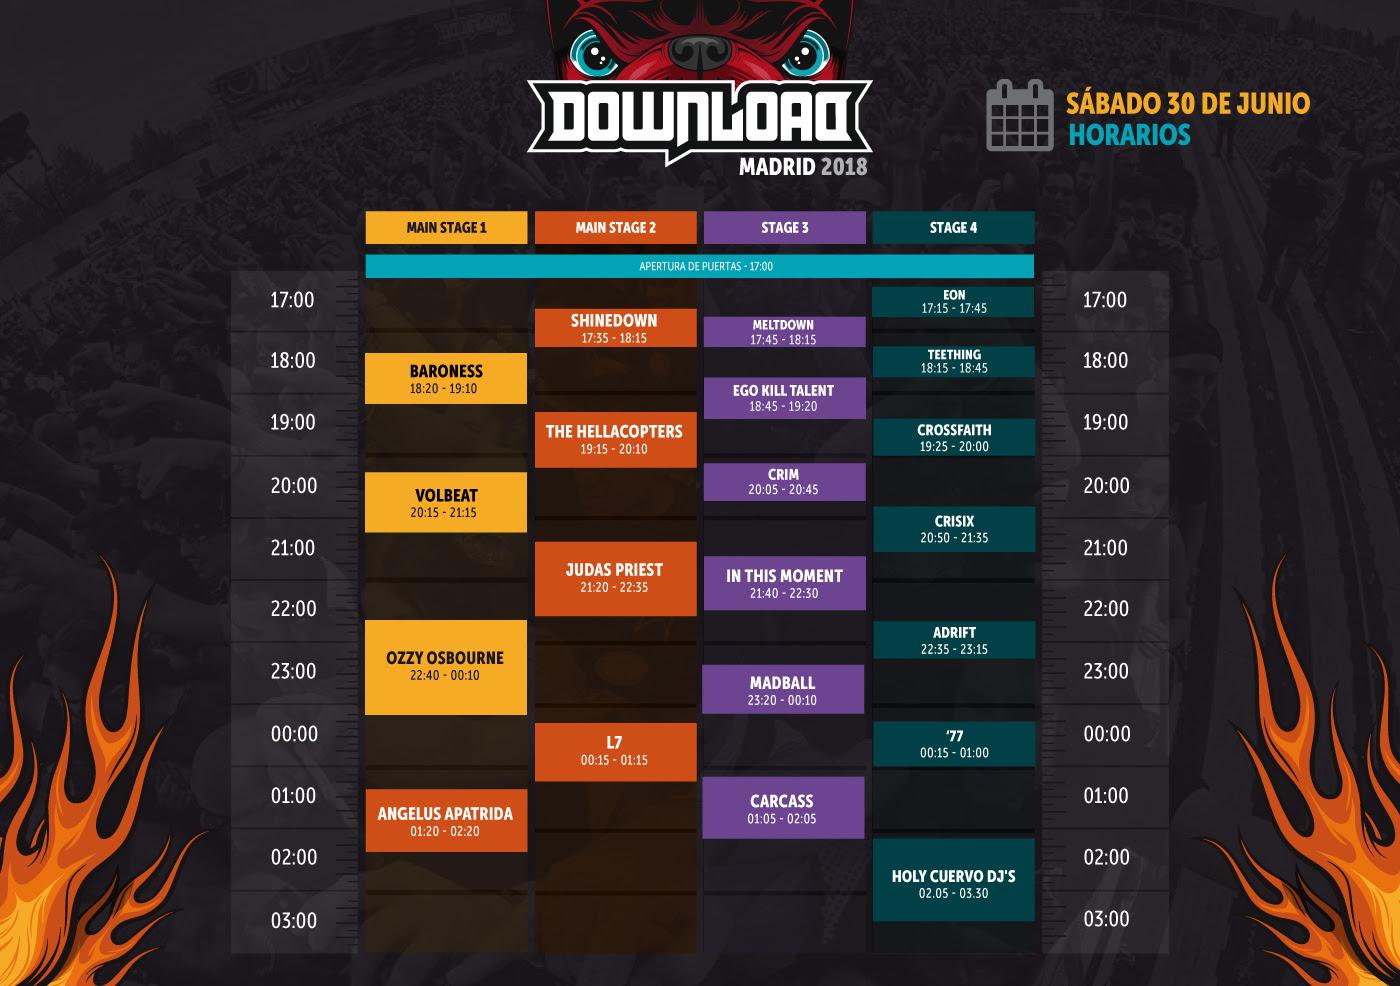 downlaod-festival-madrid-sabado-30-de-junio